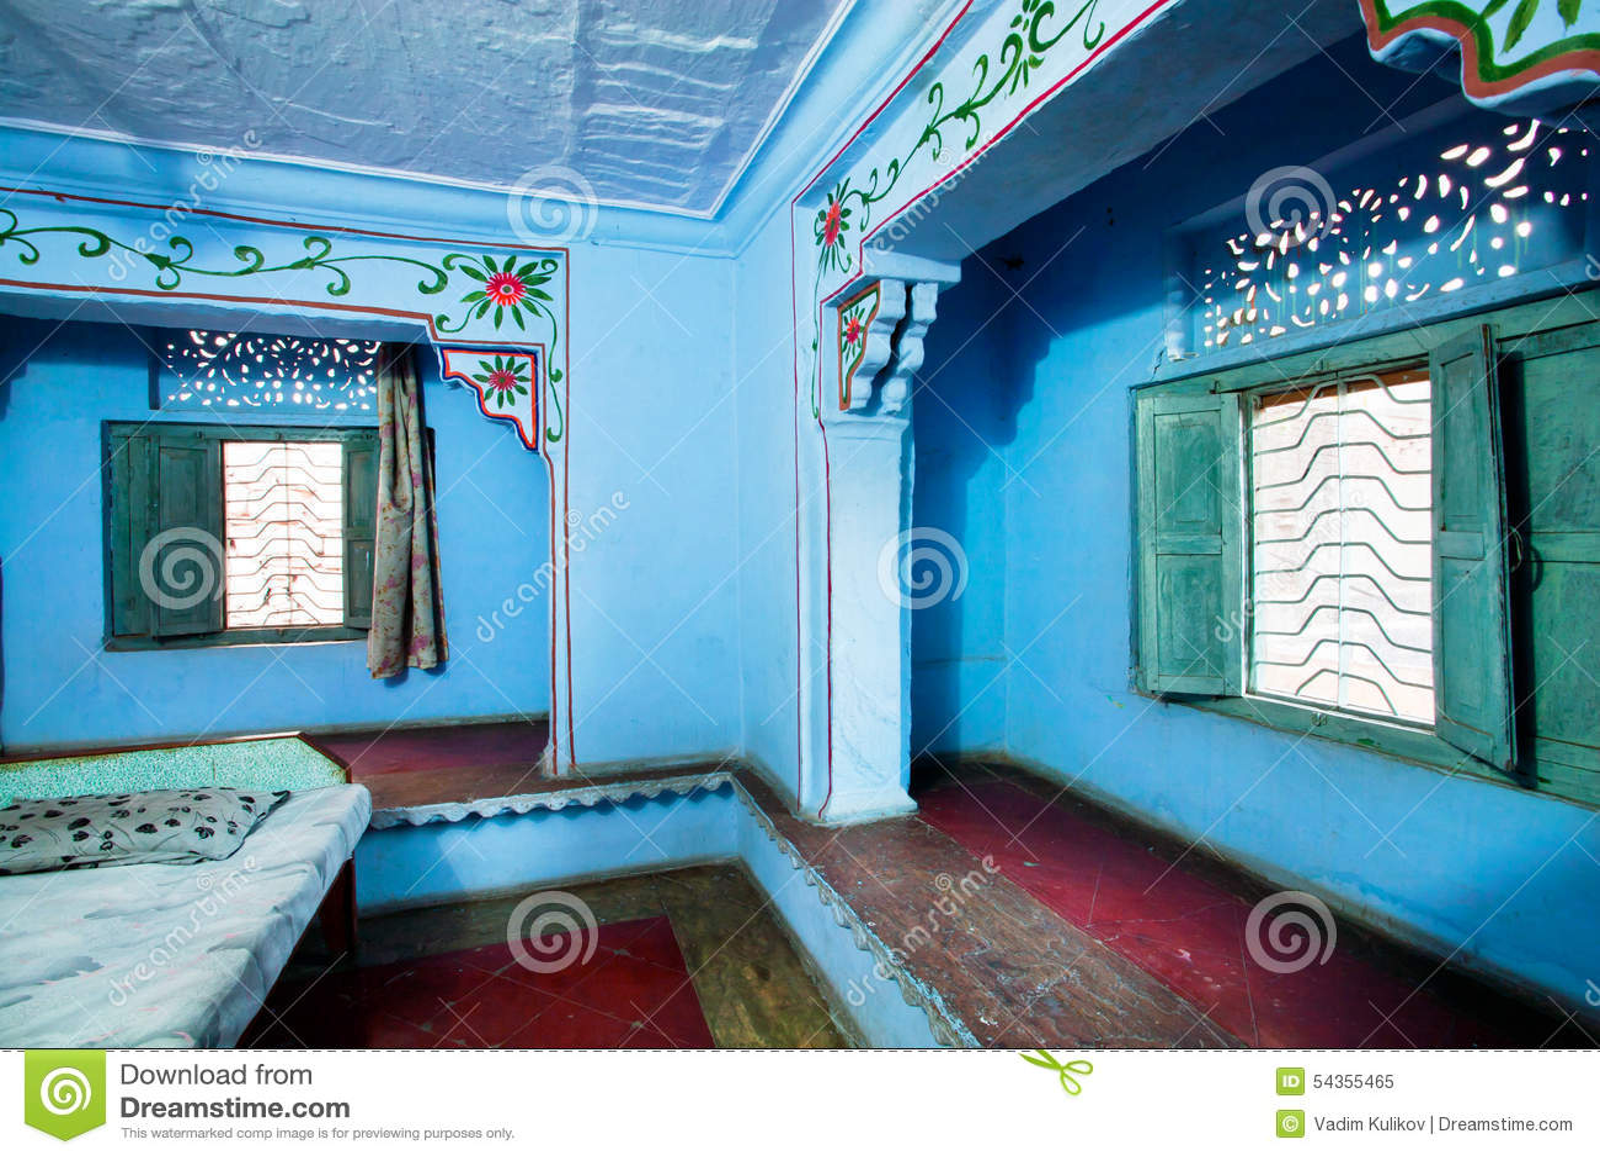 Vecchia Camera Da Letto Delle Pareti In Uno Stile Indiano Immagine ...